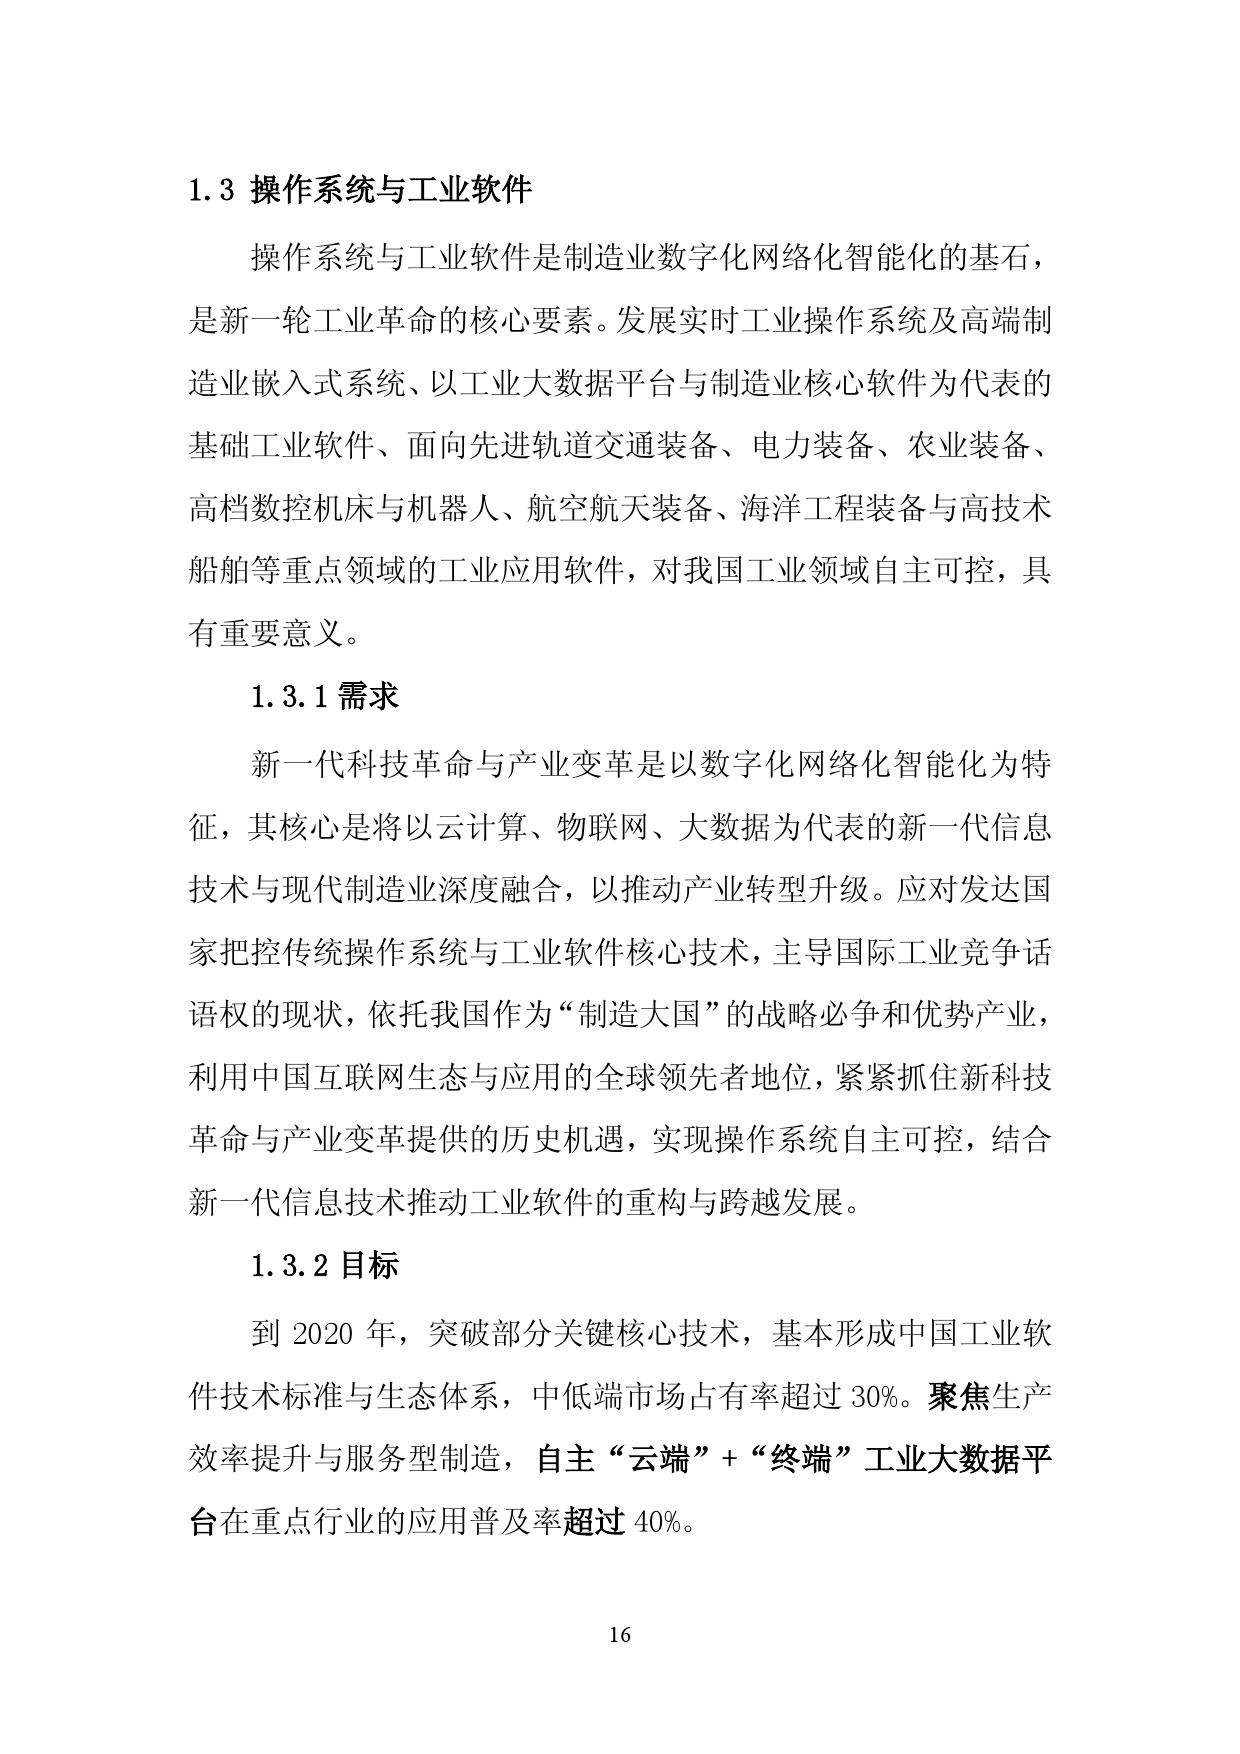 《中国制造 2025》重点领域技术路线图_000022